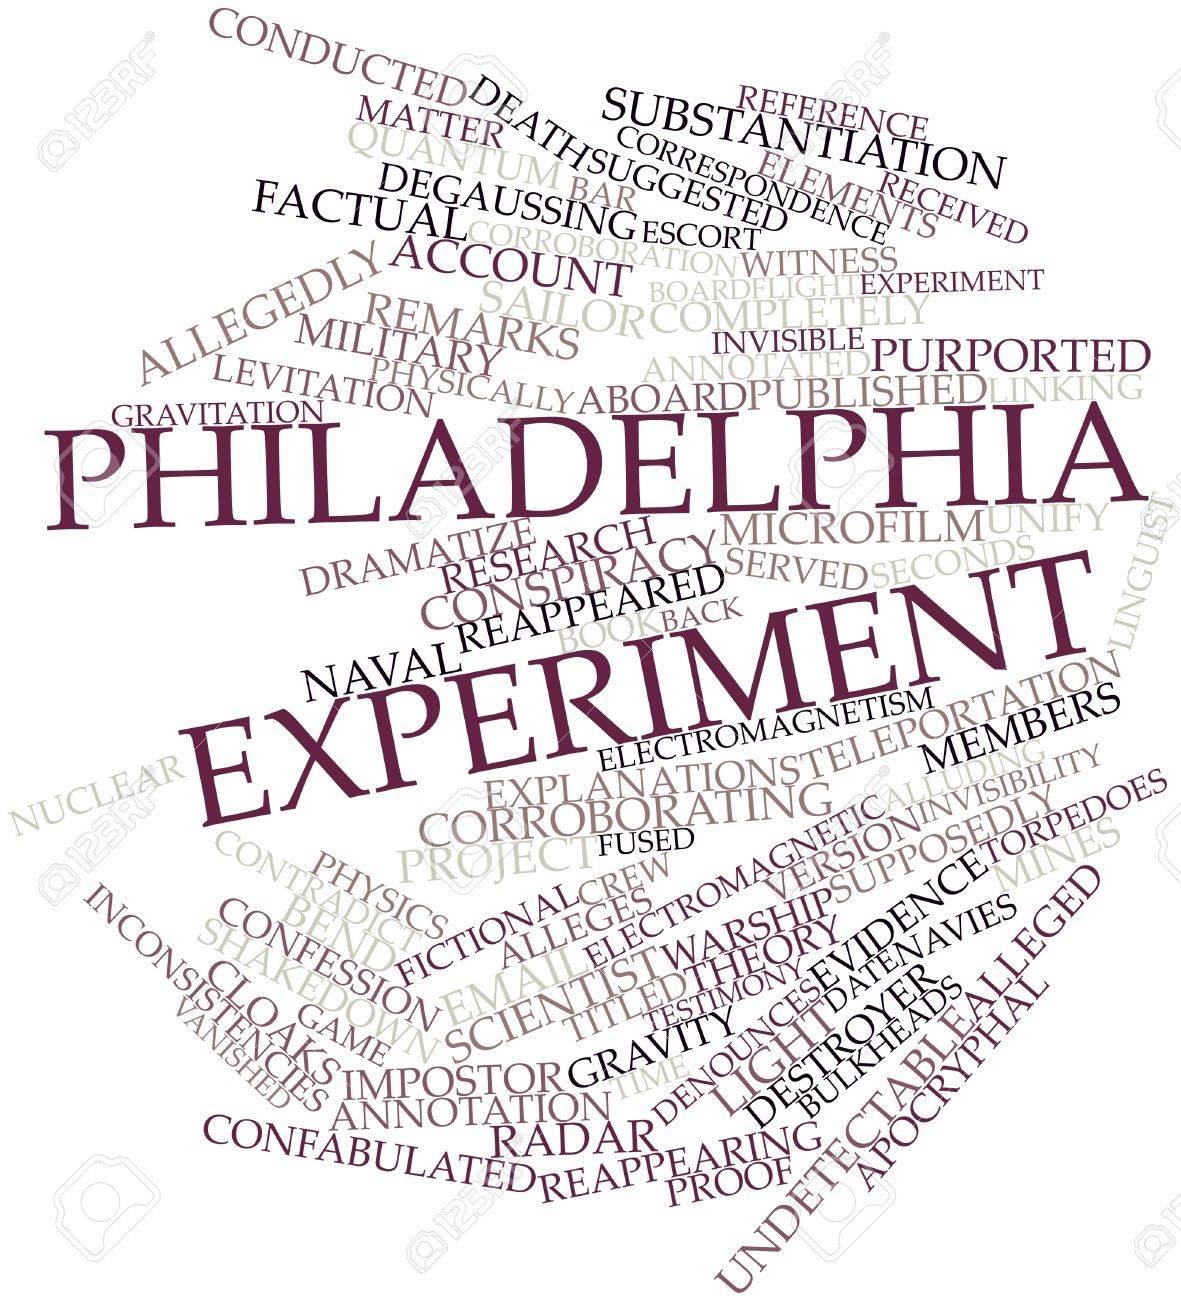 デルフィア 実験 フィラ